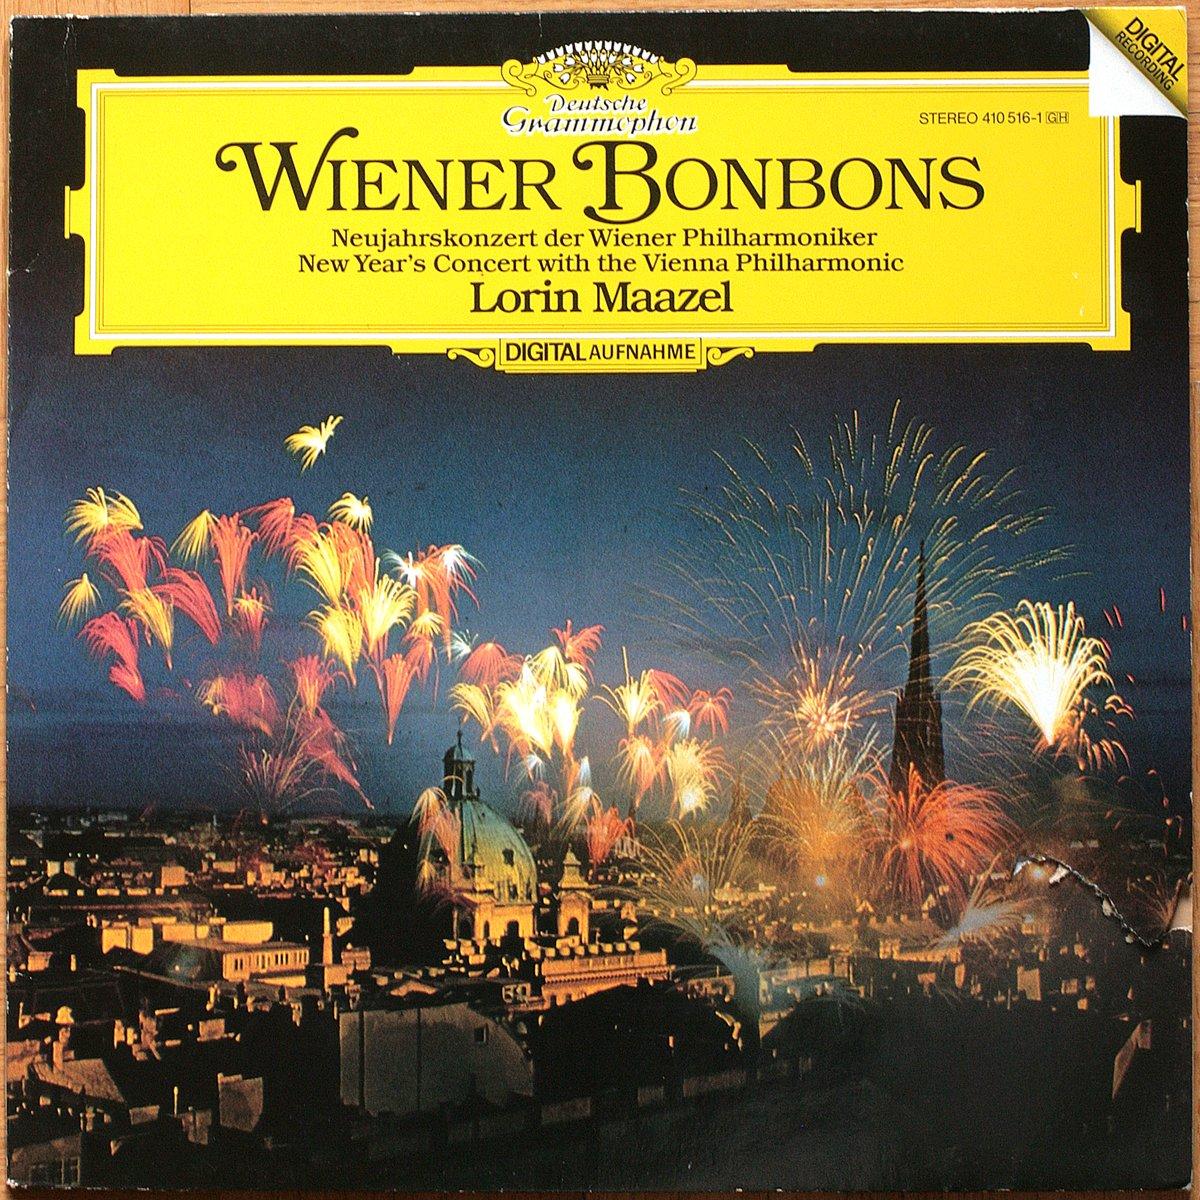 DGG 410 516 Strauss Wiener Bonbons Nouvel An 1983 Maazel DGG Digital Aufnahme